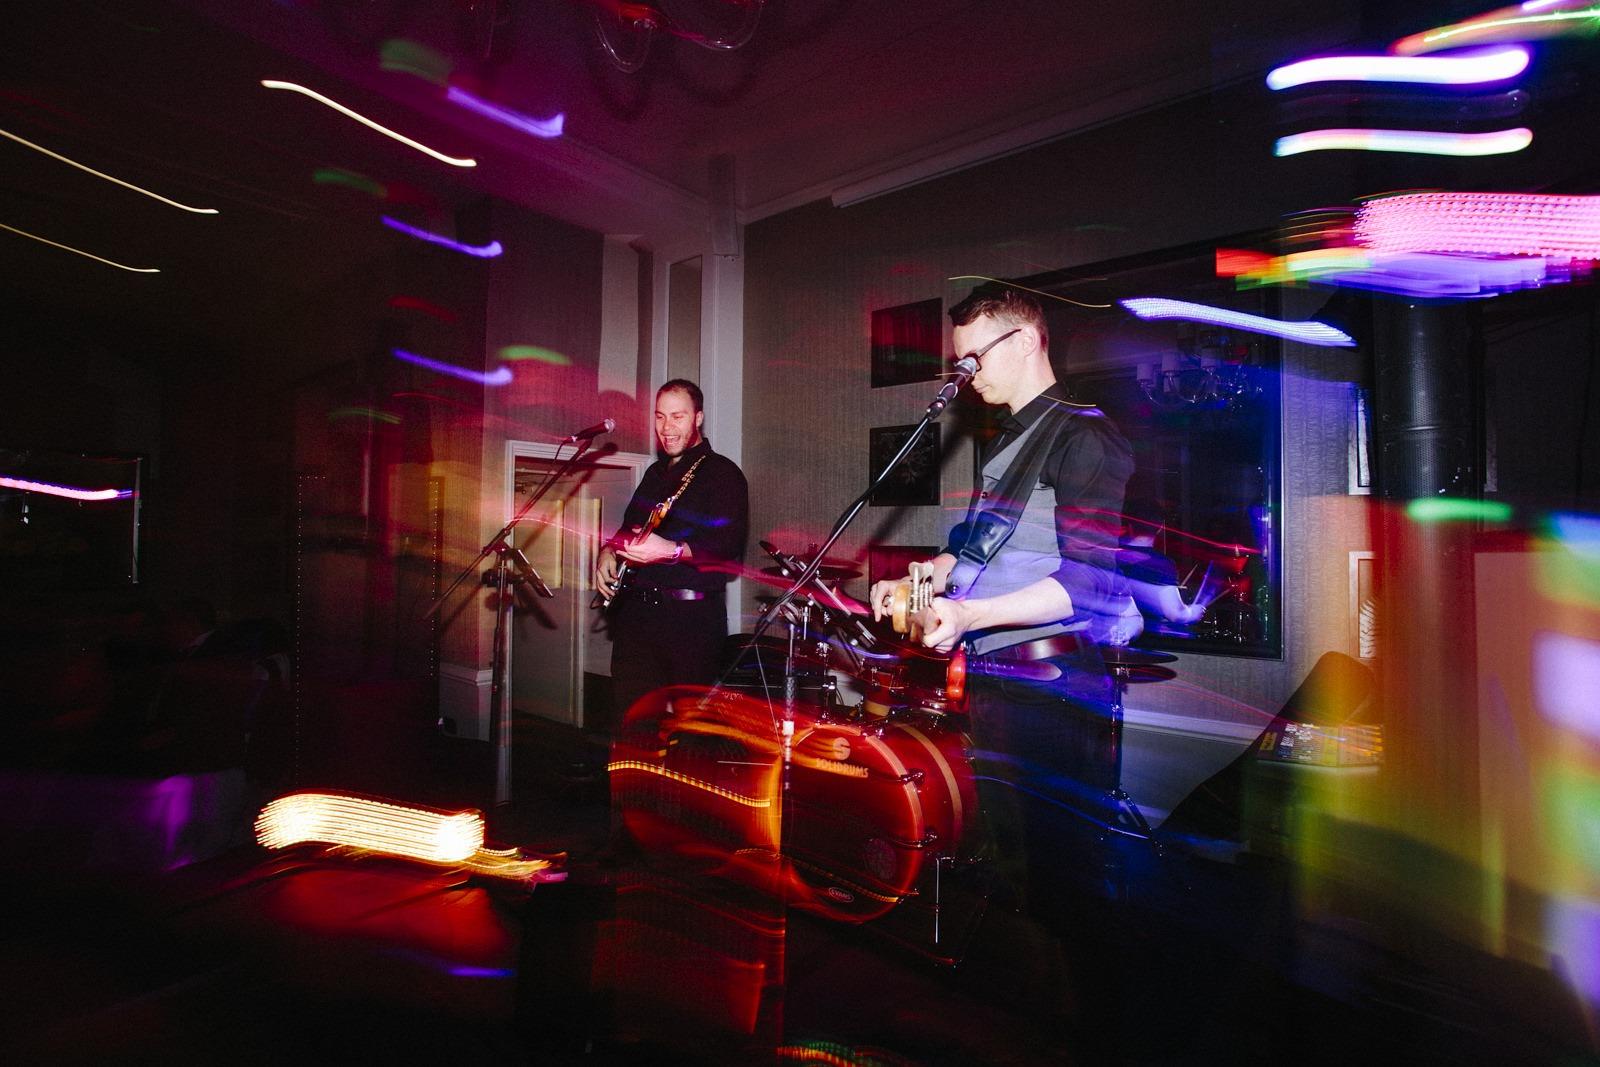 cambridge-event-party-2017-io-028